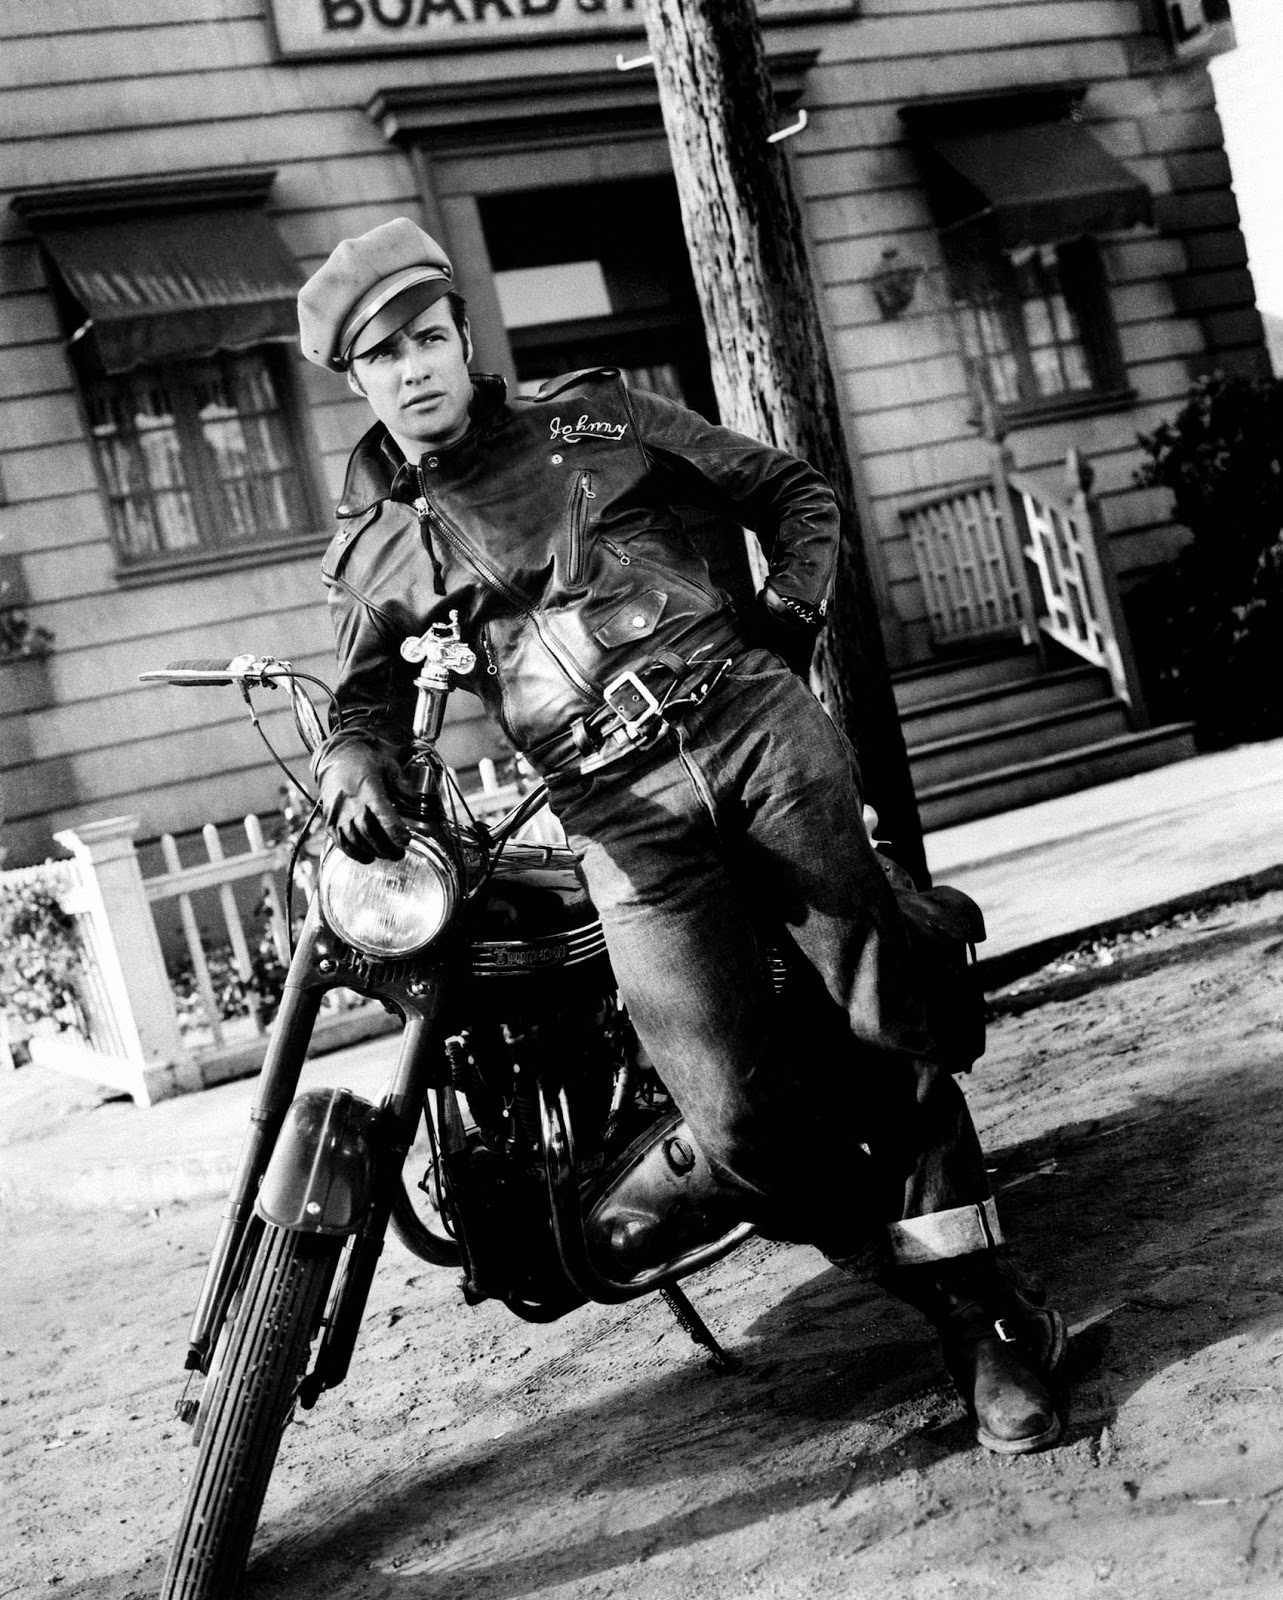 Vieilles photos (pour ceux qui aiment les anciennes photos de bikers ou autre......) - Page 2 The%2BGodfather%2Blm